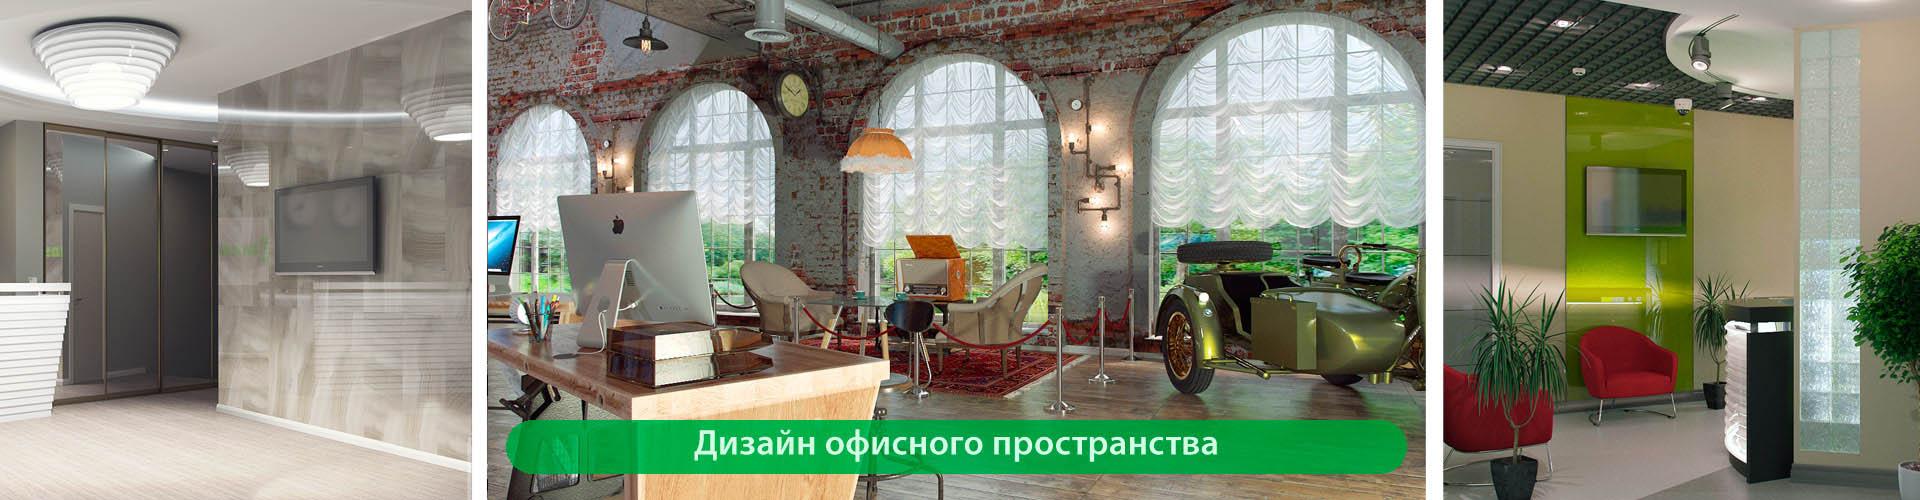 Дизайн. Архитектура. Строительство